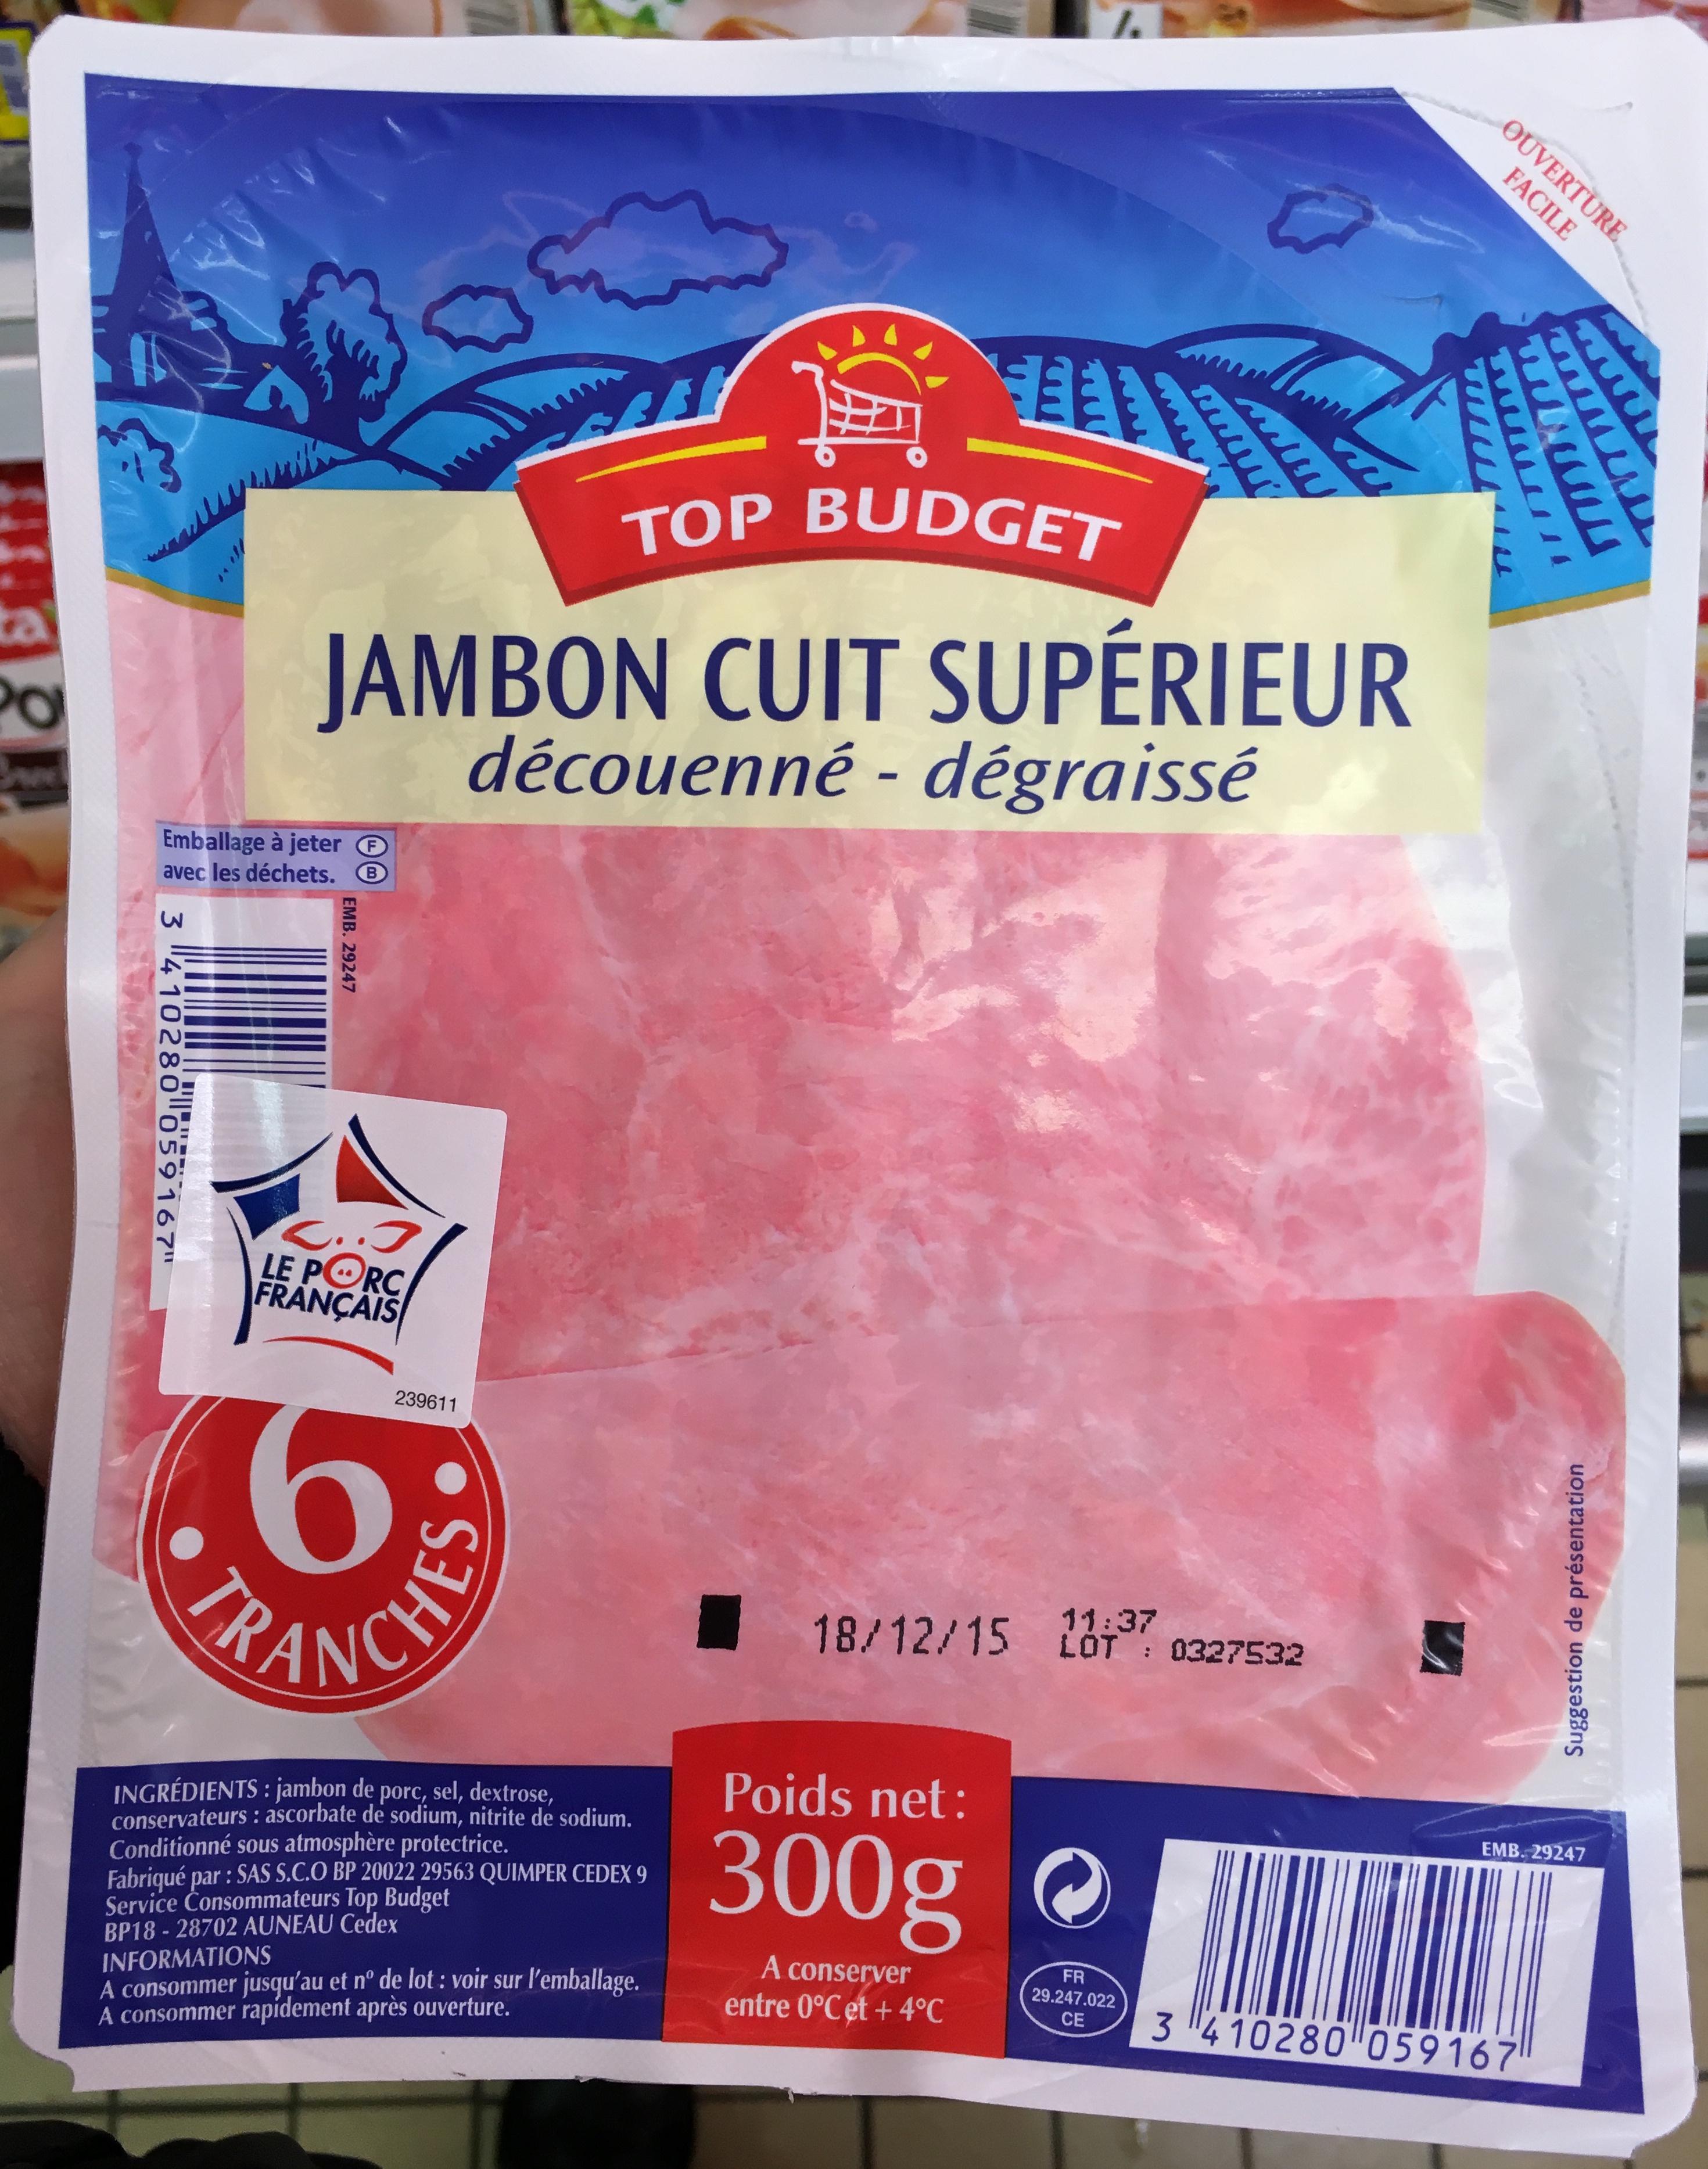 jambon cuit supérieur (découenné - dégraissé) - top budget - 300 g